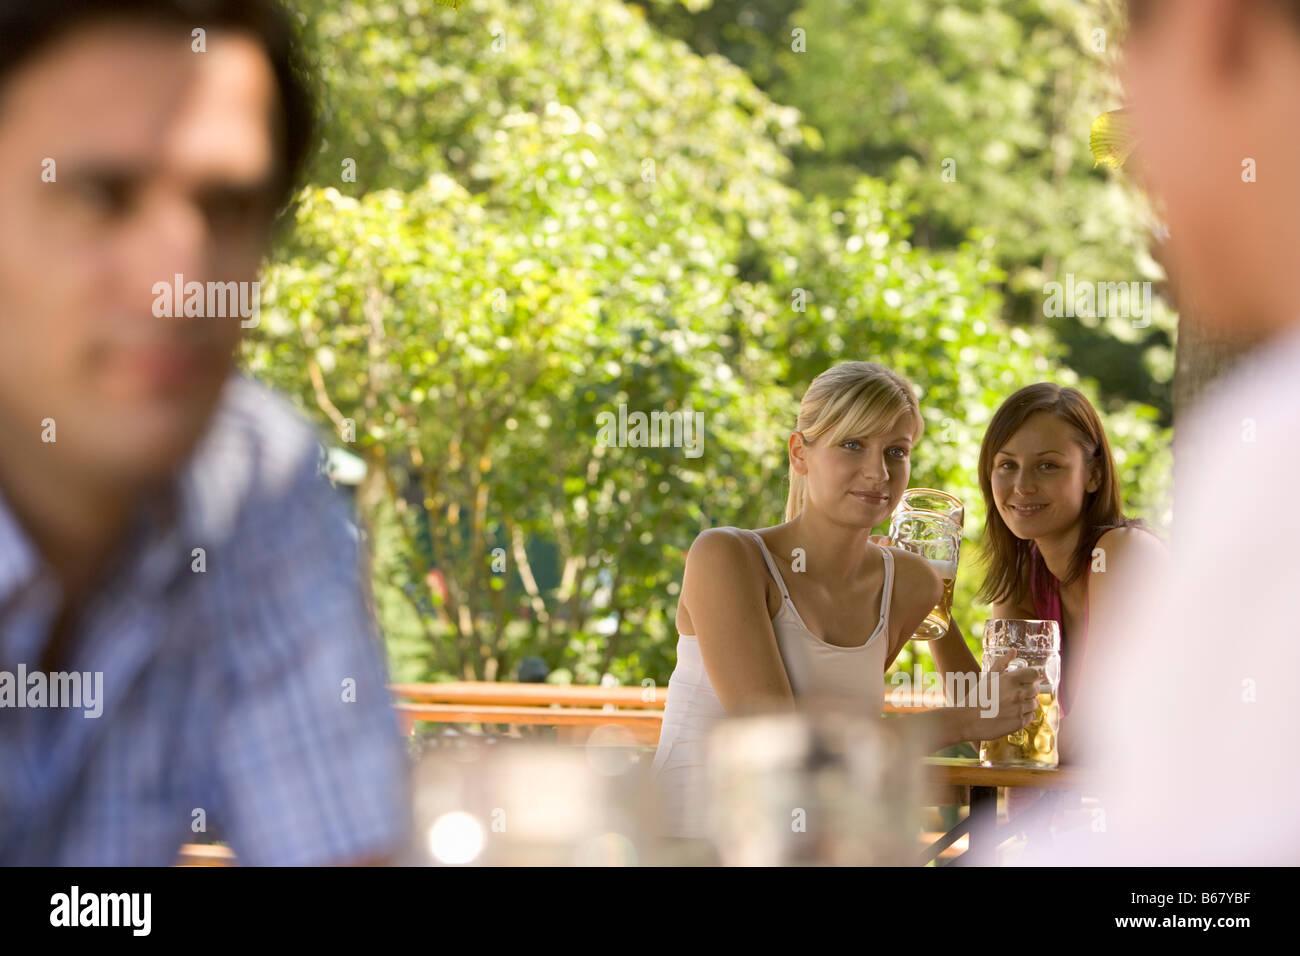 Flirten Im Biergarten Zwei Junge Frauen Und Zwei Männer Flirten Im